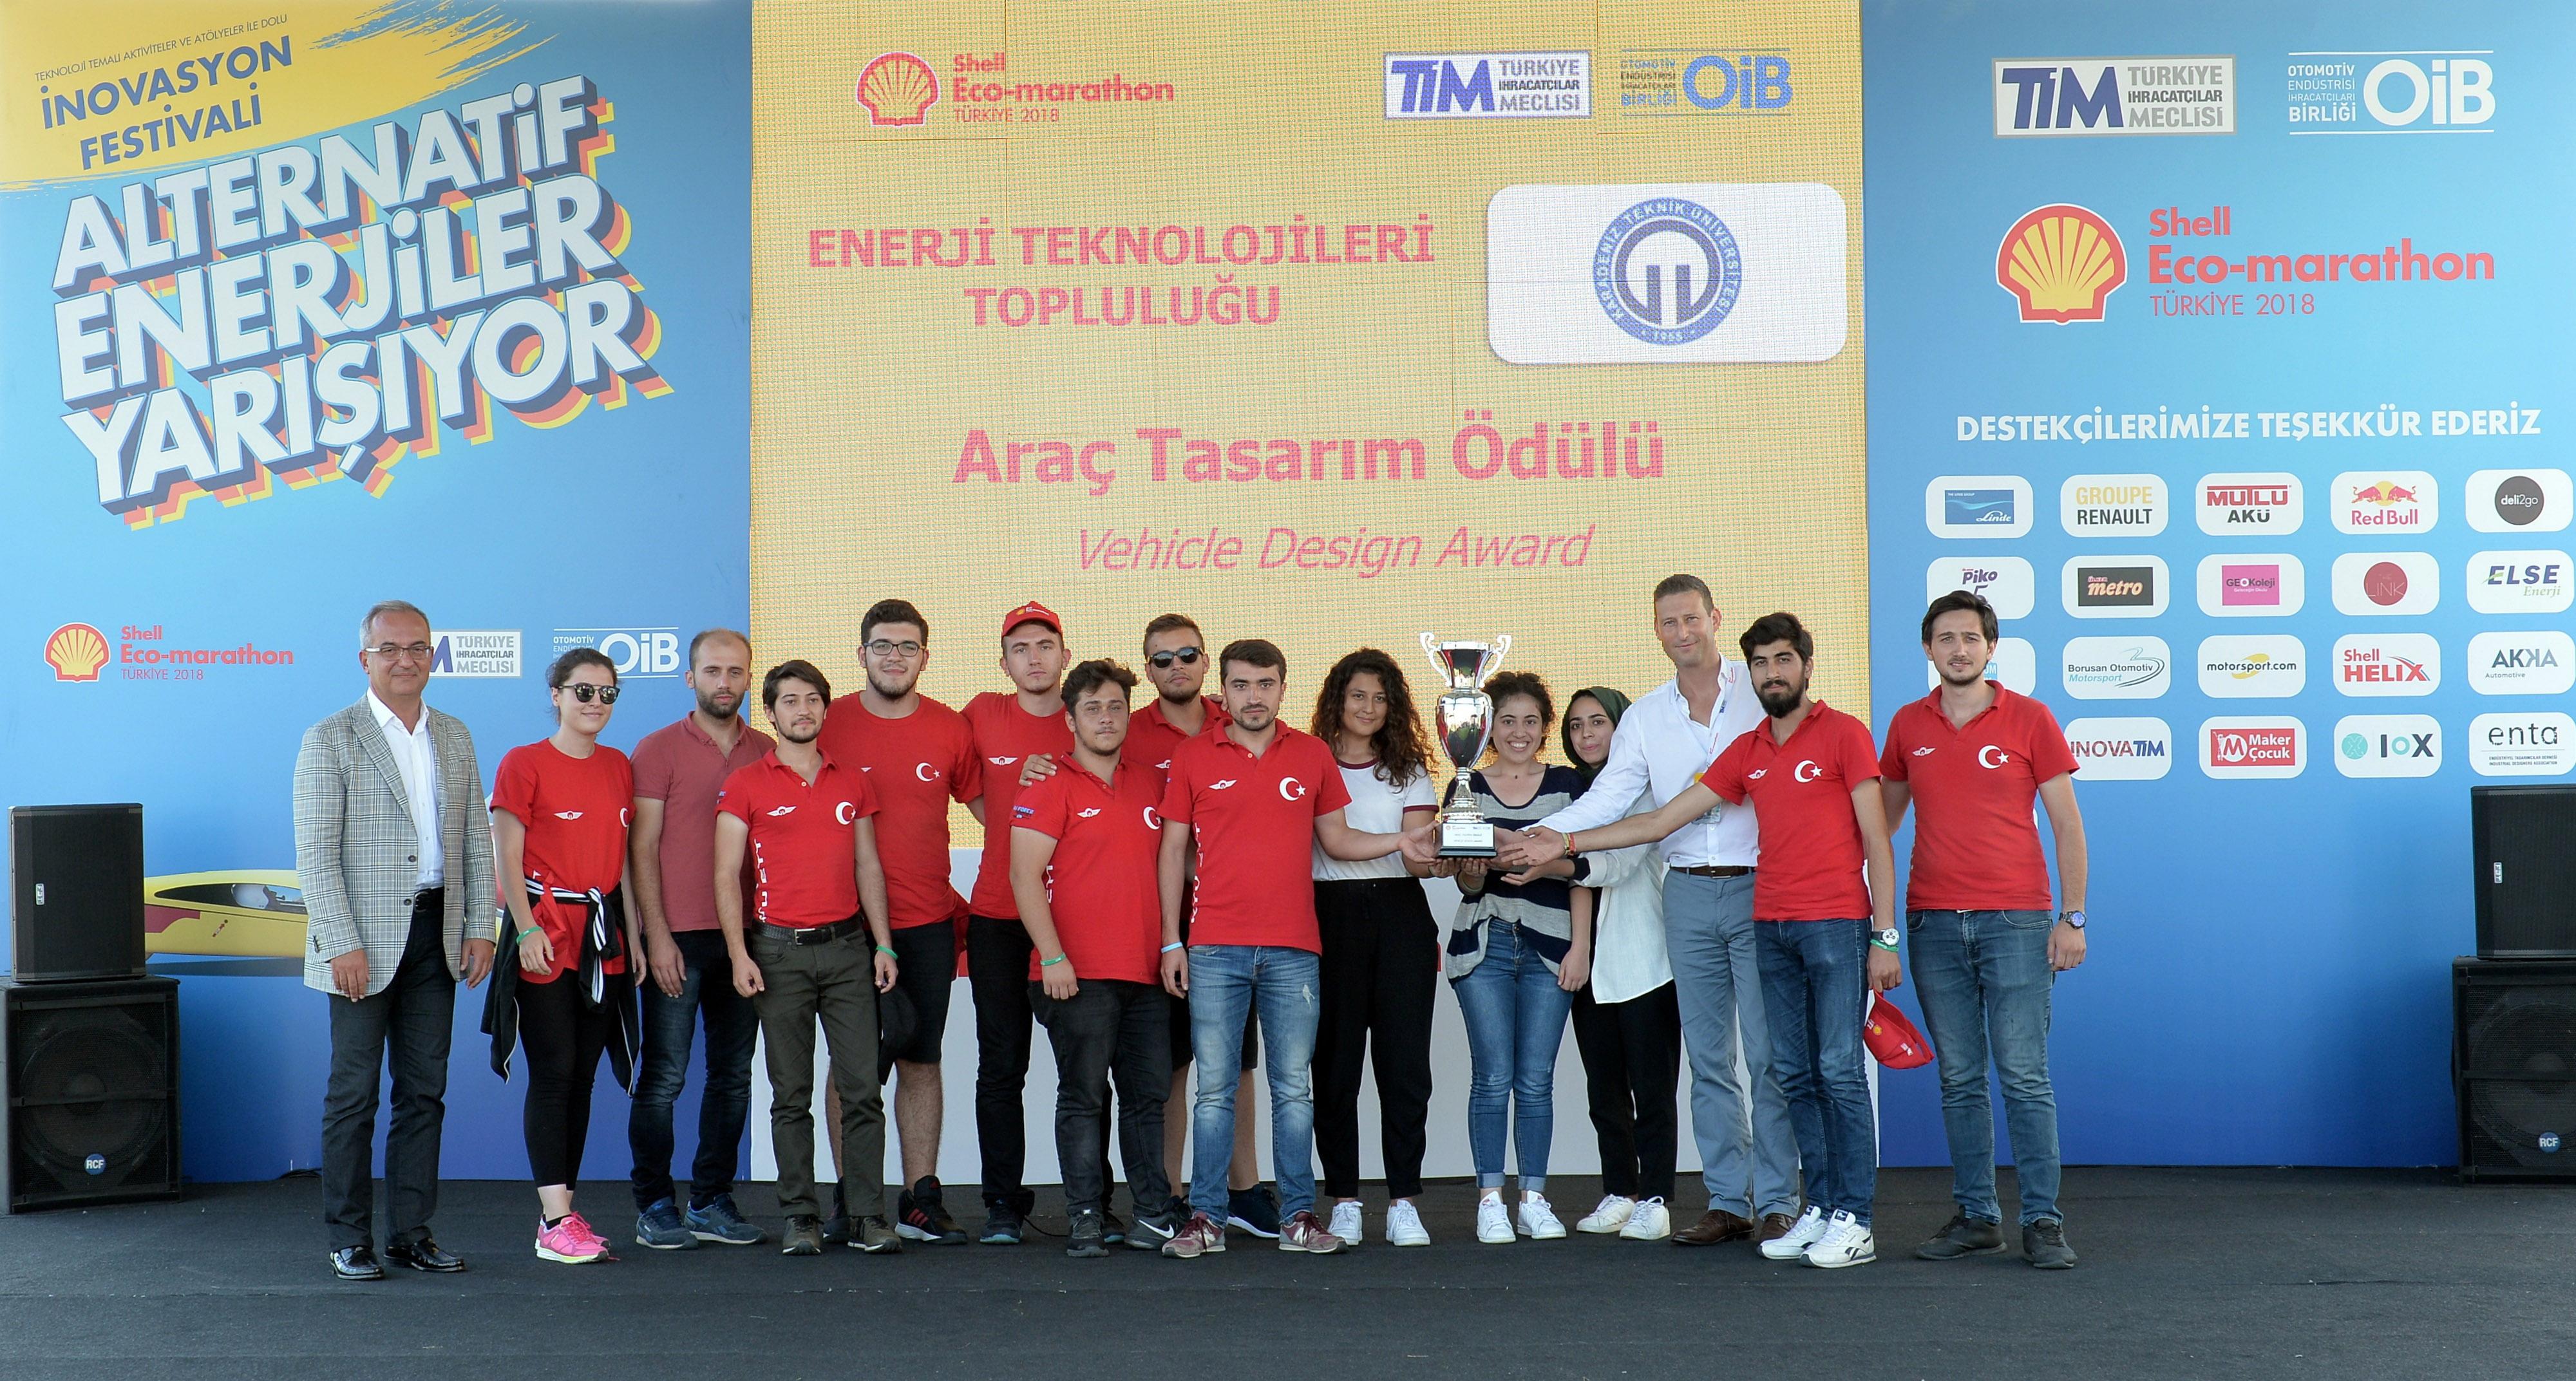 Gençlerin tasarladığı alternatif yakıtlı araçlar Shell Eco-marathon'da yarıştı